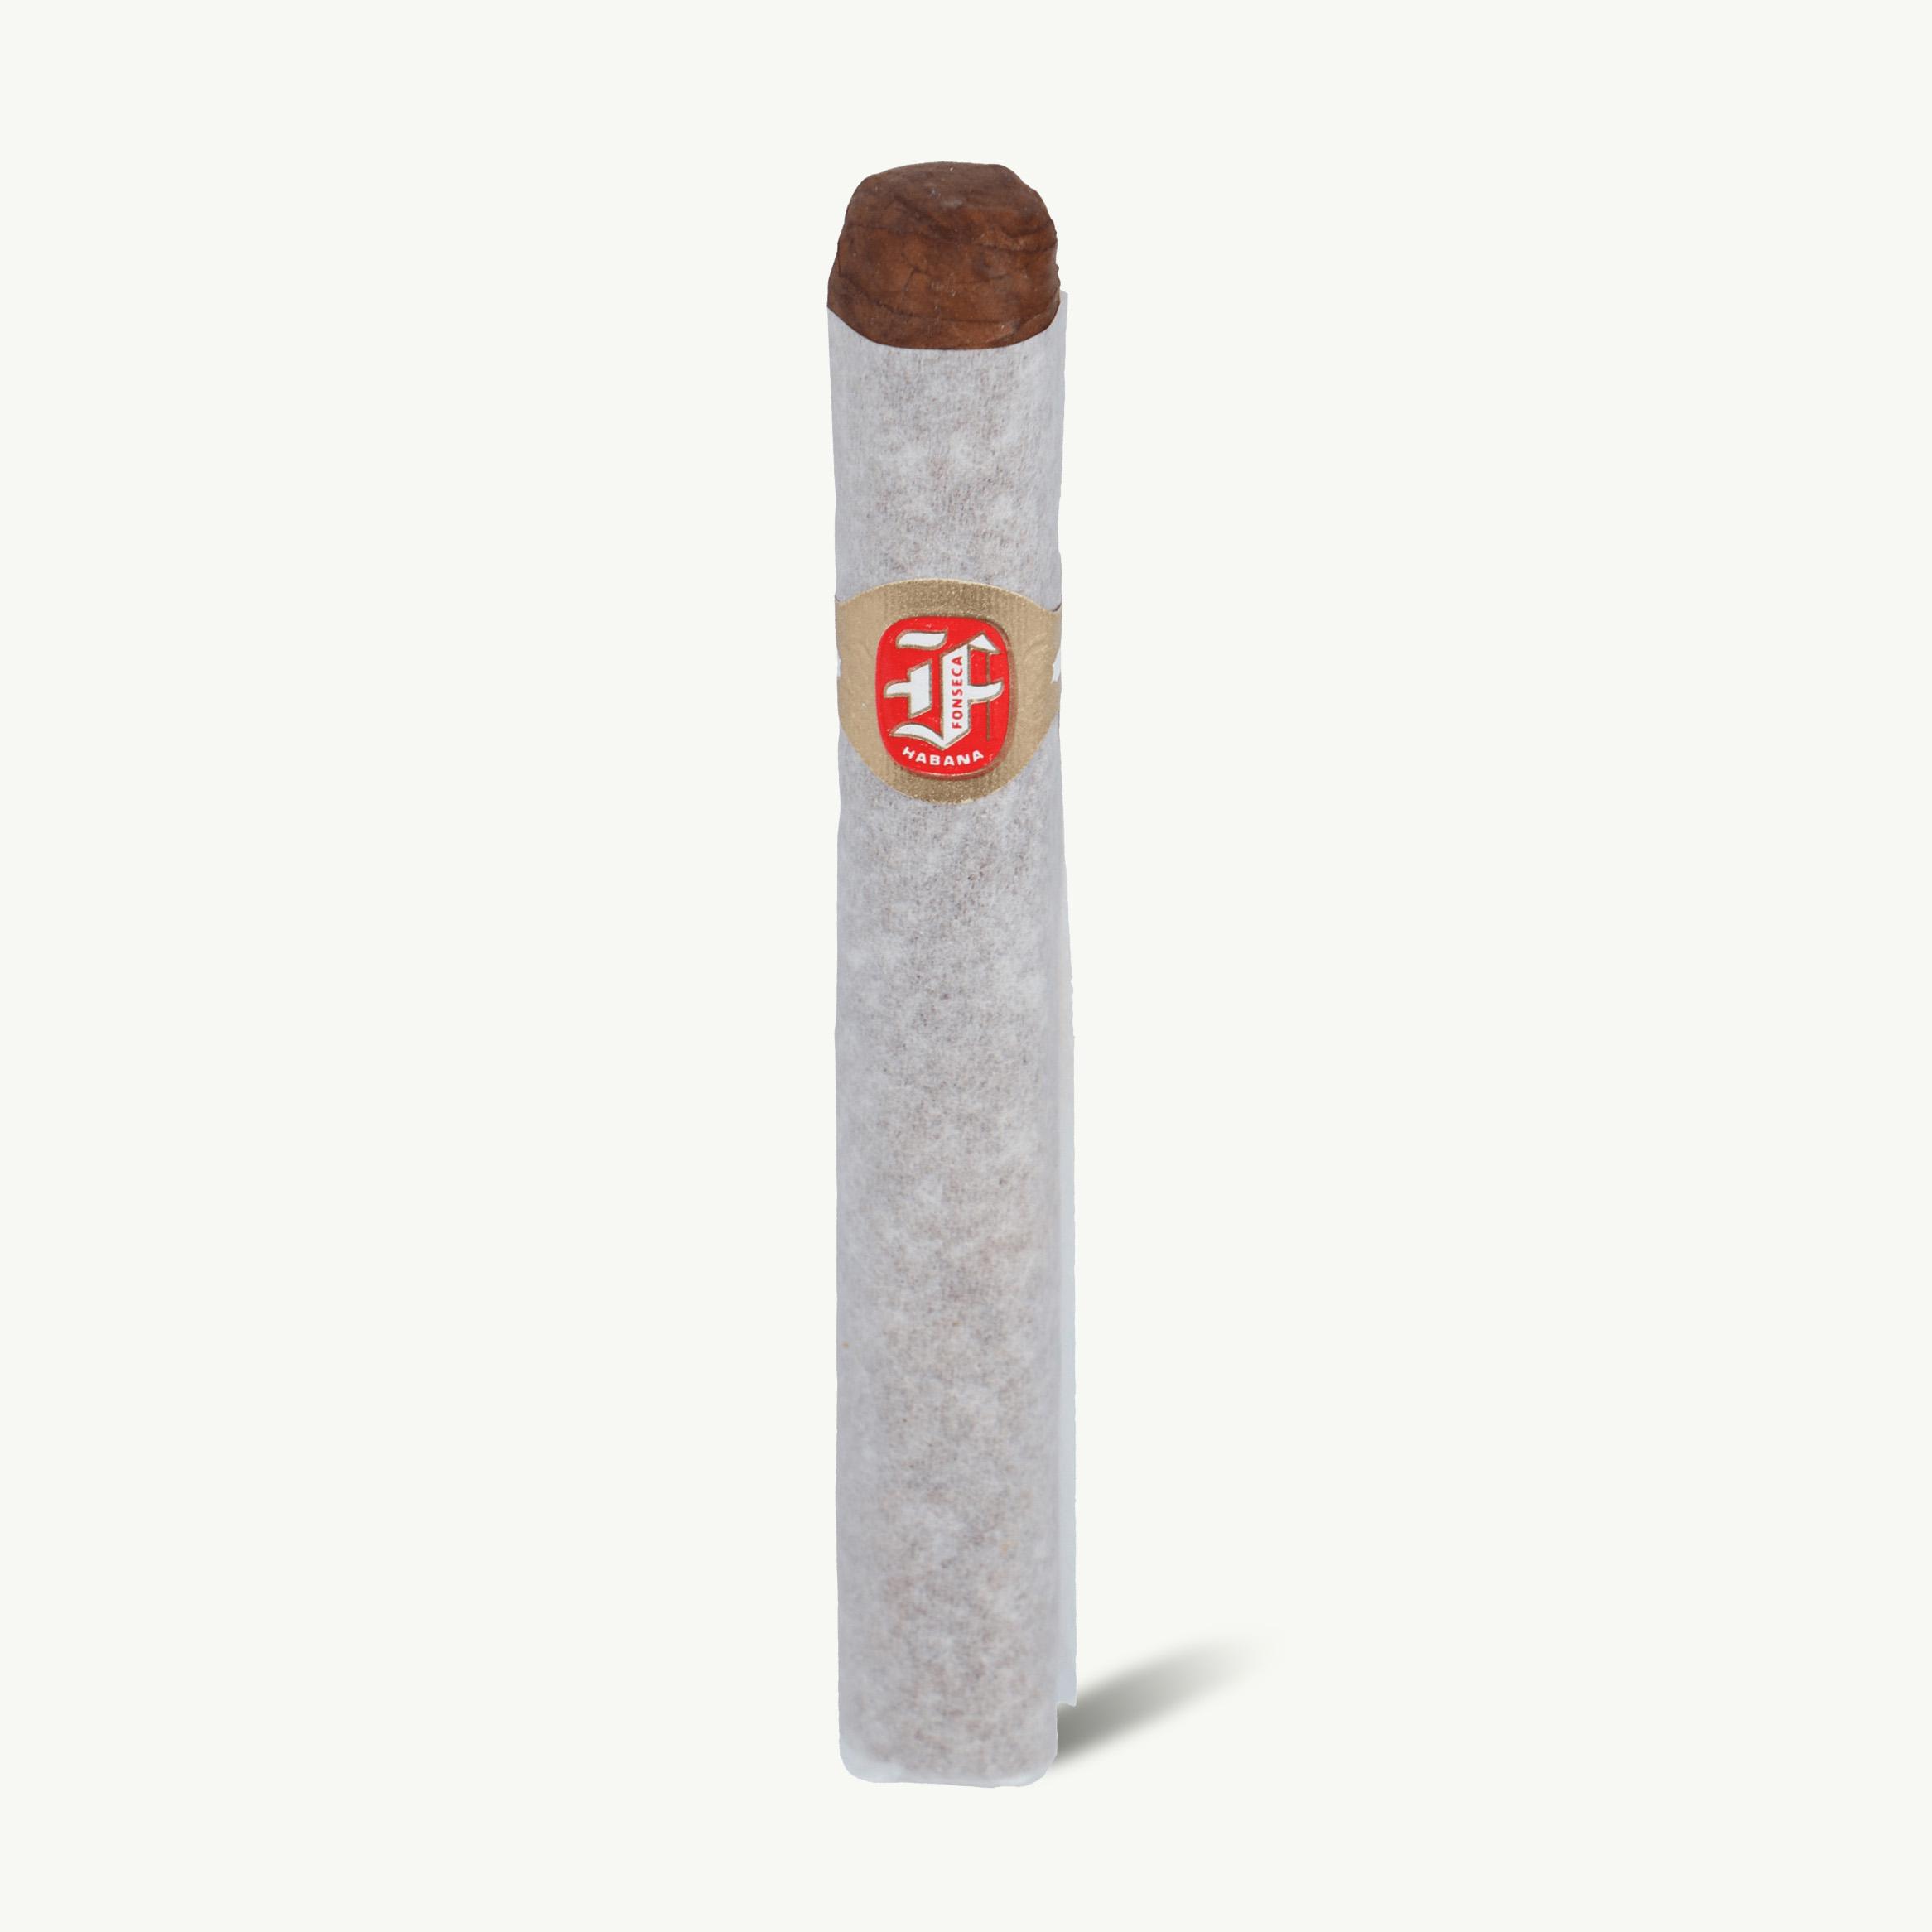 Цена на табачные изделия в москве купить электронную сигарету черкассы